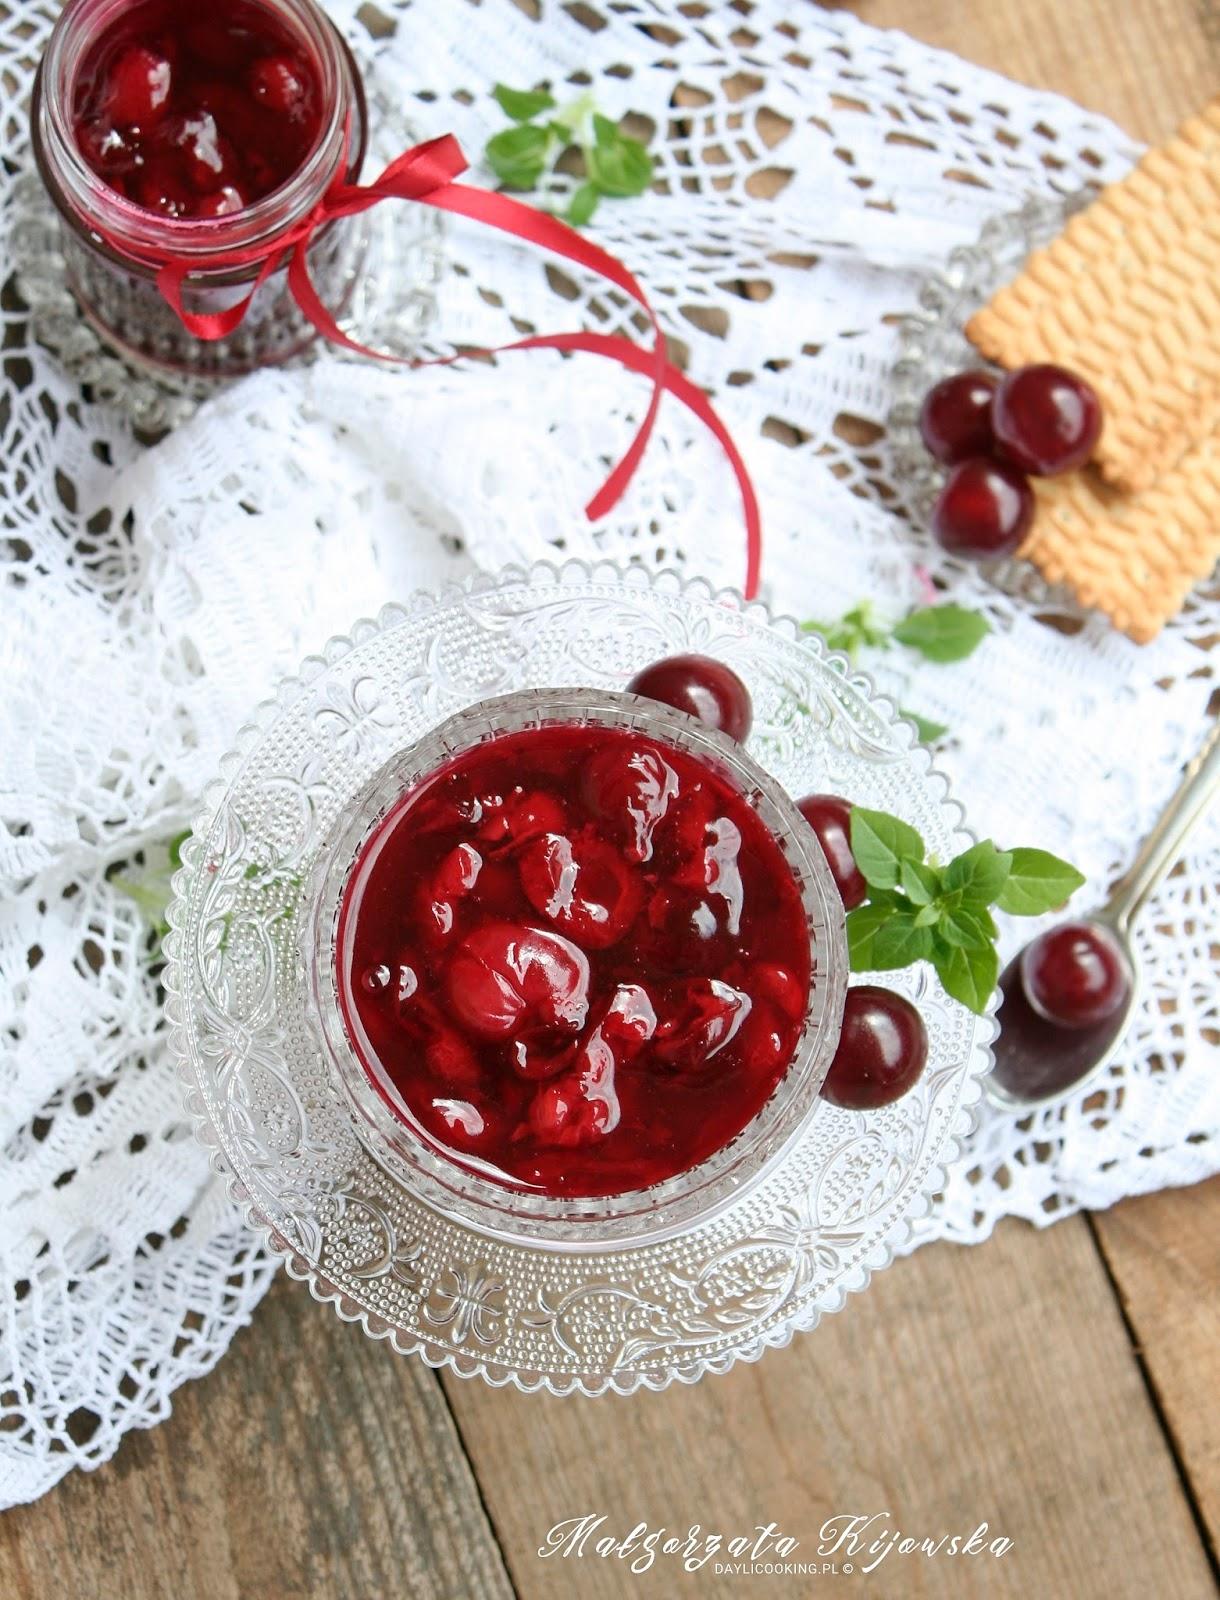 jak zrobić frużelinę, co to jest frużelina, wiśnie, przetwory, daylicooking, Małgorzata Kijowska